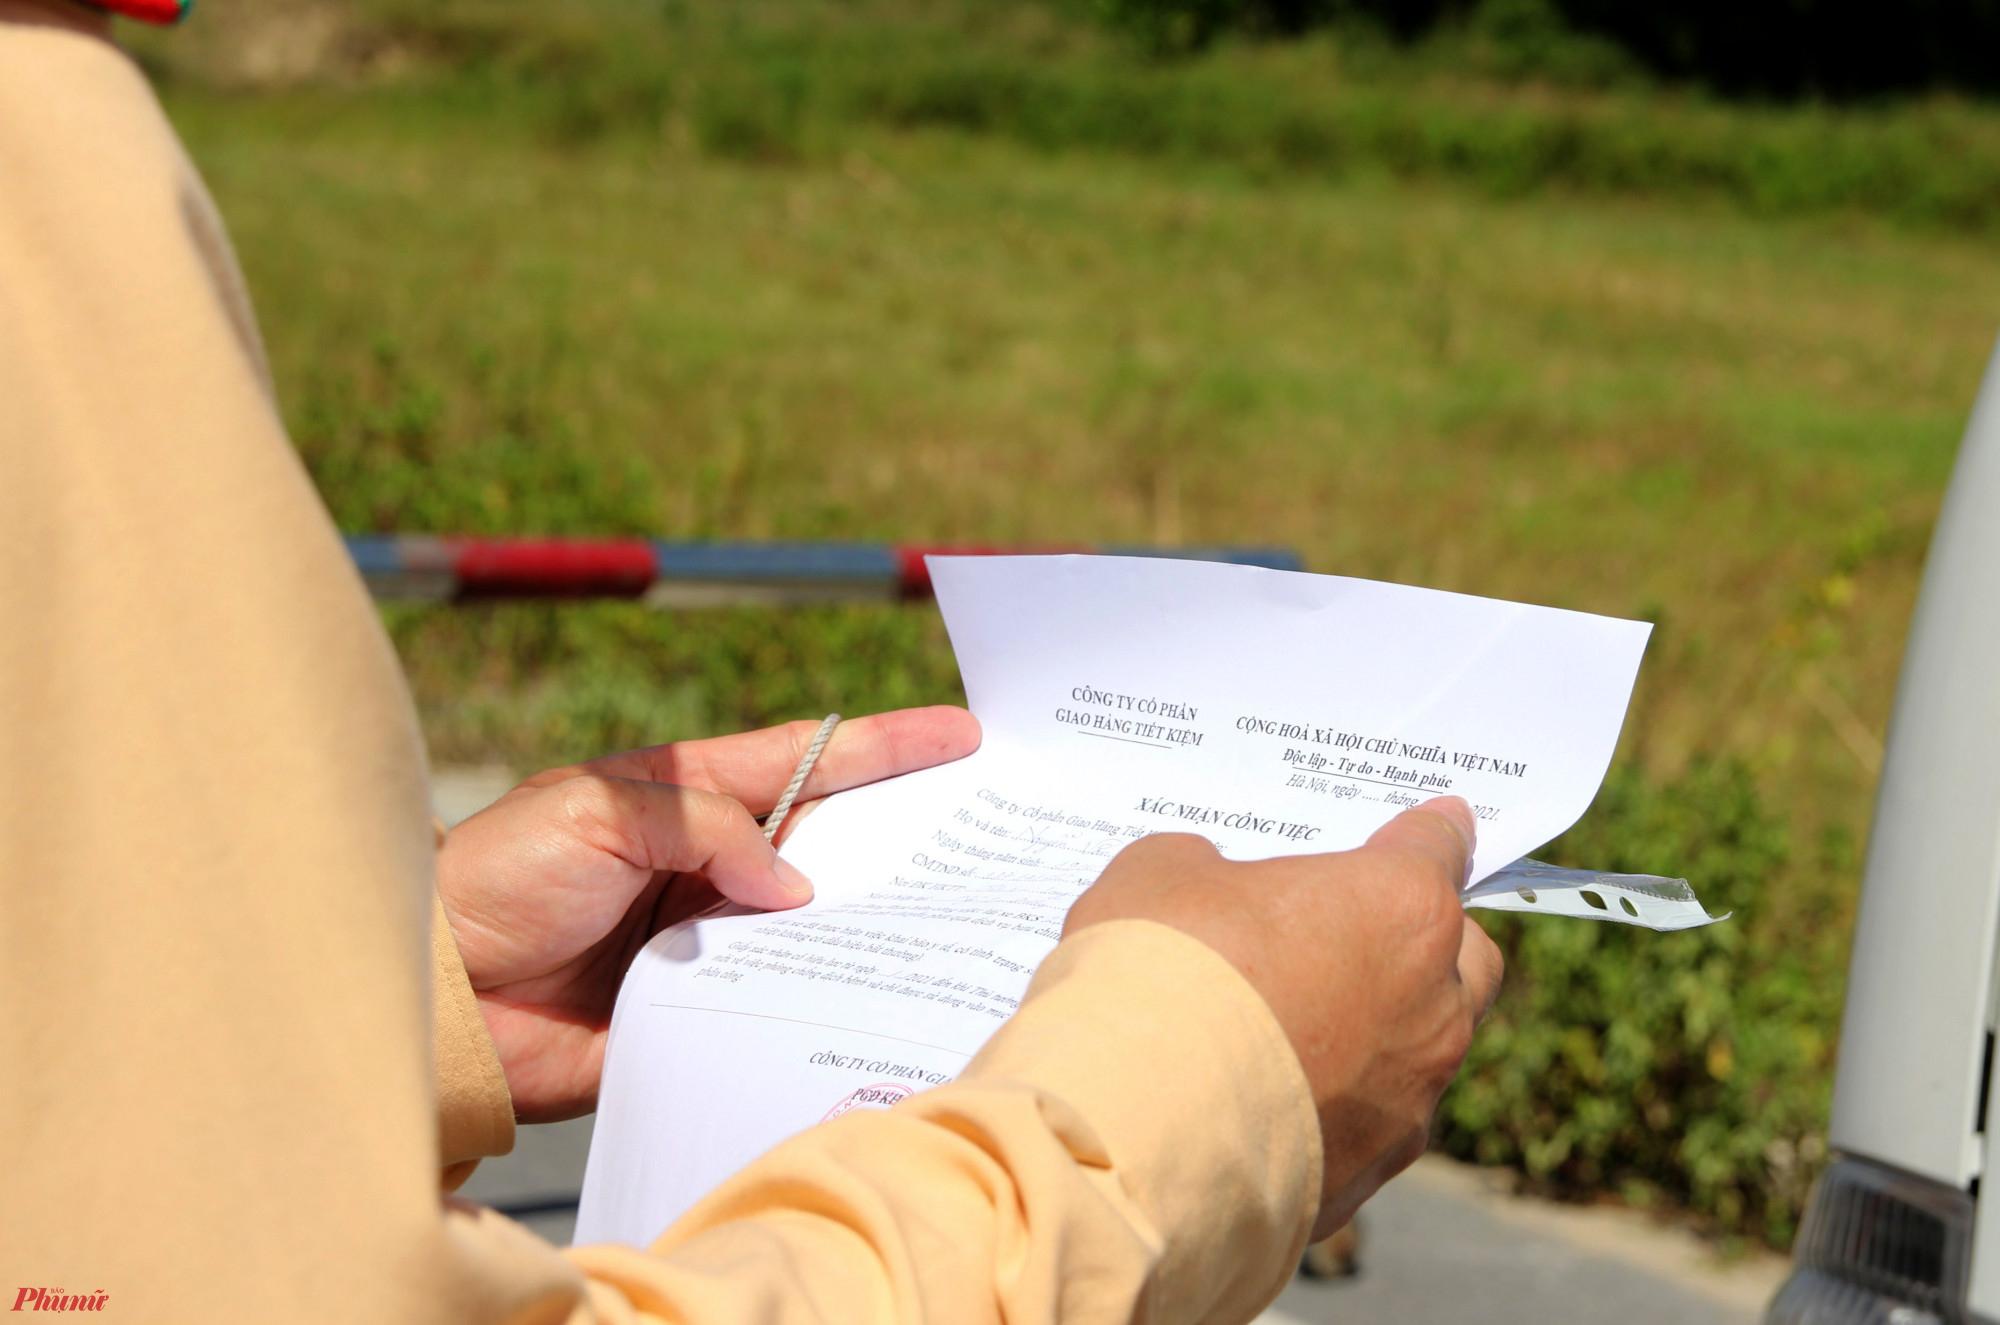 Người dân ra vào TP. Vinh phải có giấy xác nhận công việc, hoặc kết quả xét nghiệm COVID-19